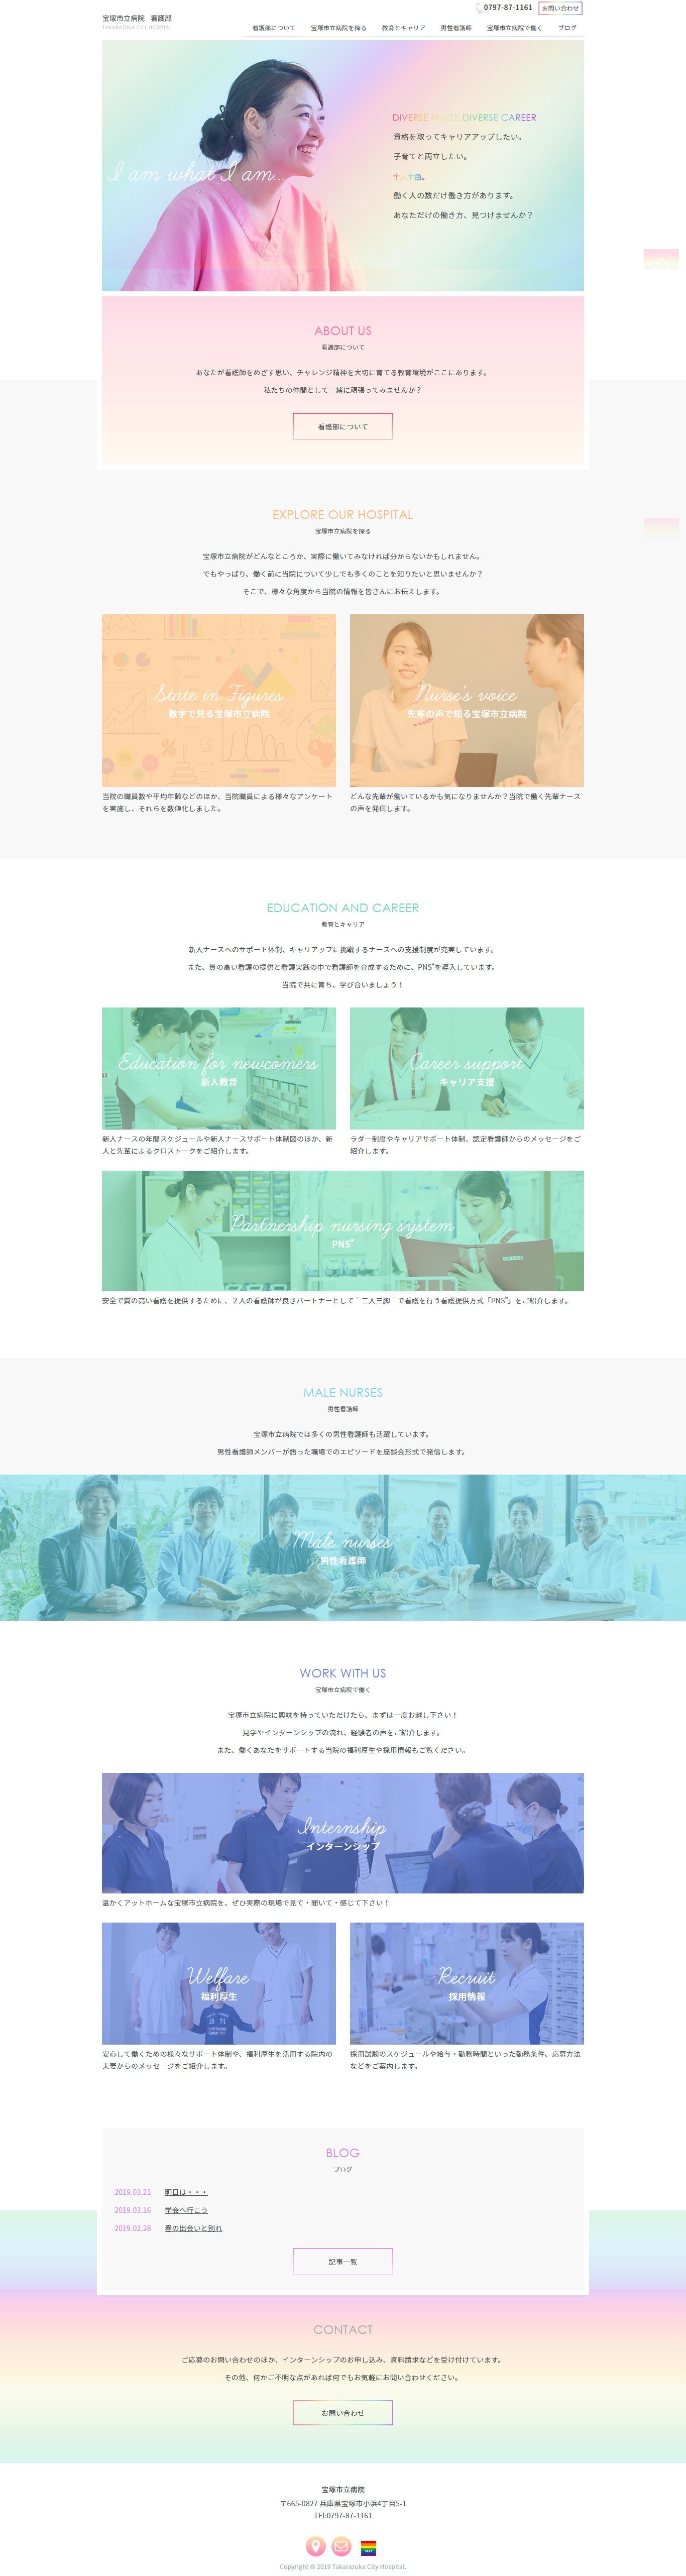 2018年5月作成「宝塚市立病院」看護部サイト